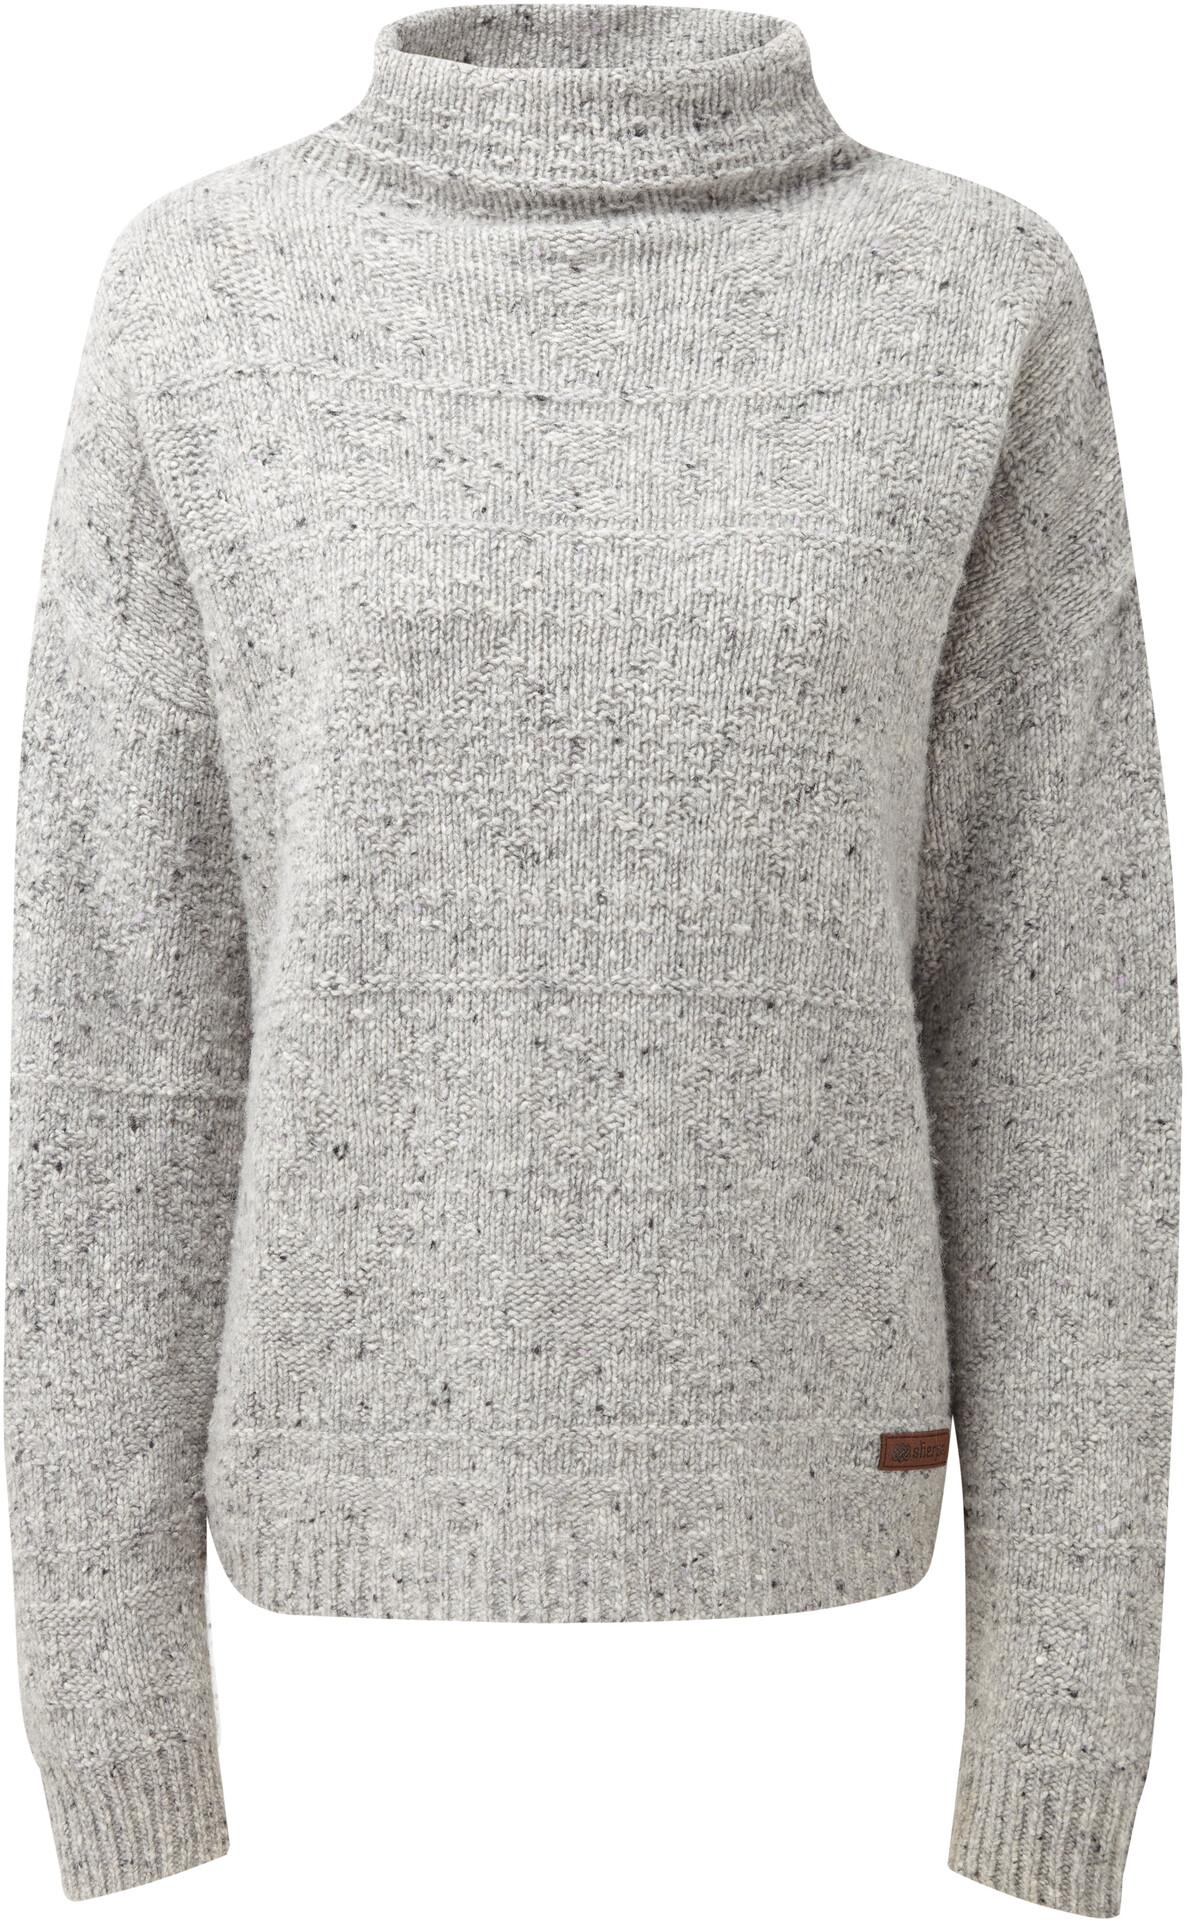 1d91caa93d Sherpa yuden pullover sweater women darjeeling mist jpg 2576x4168 Pullover  sweater